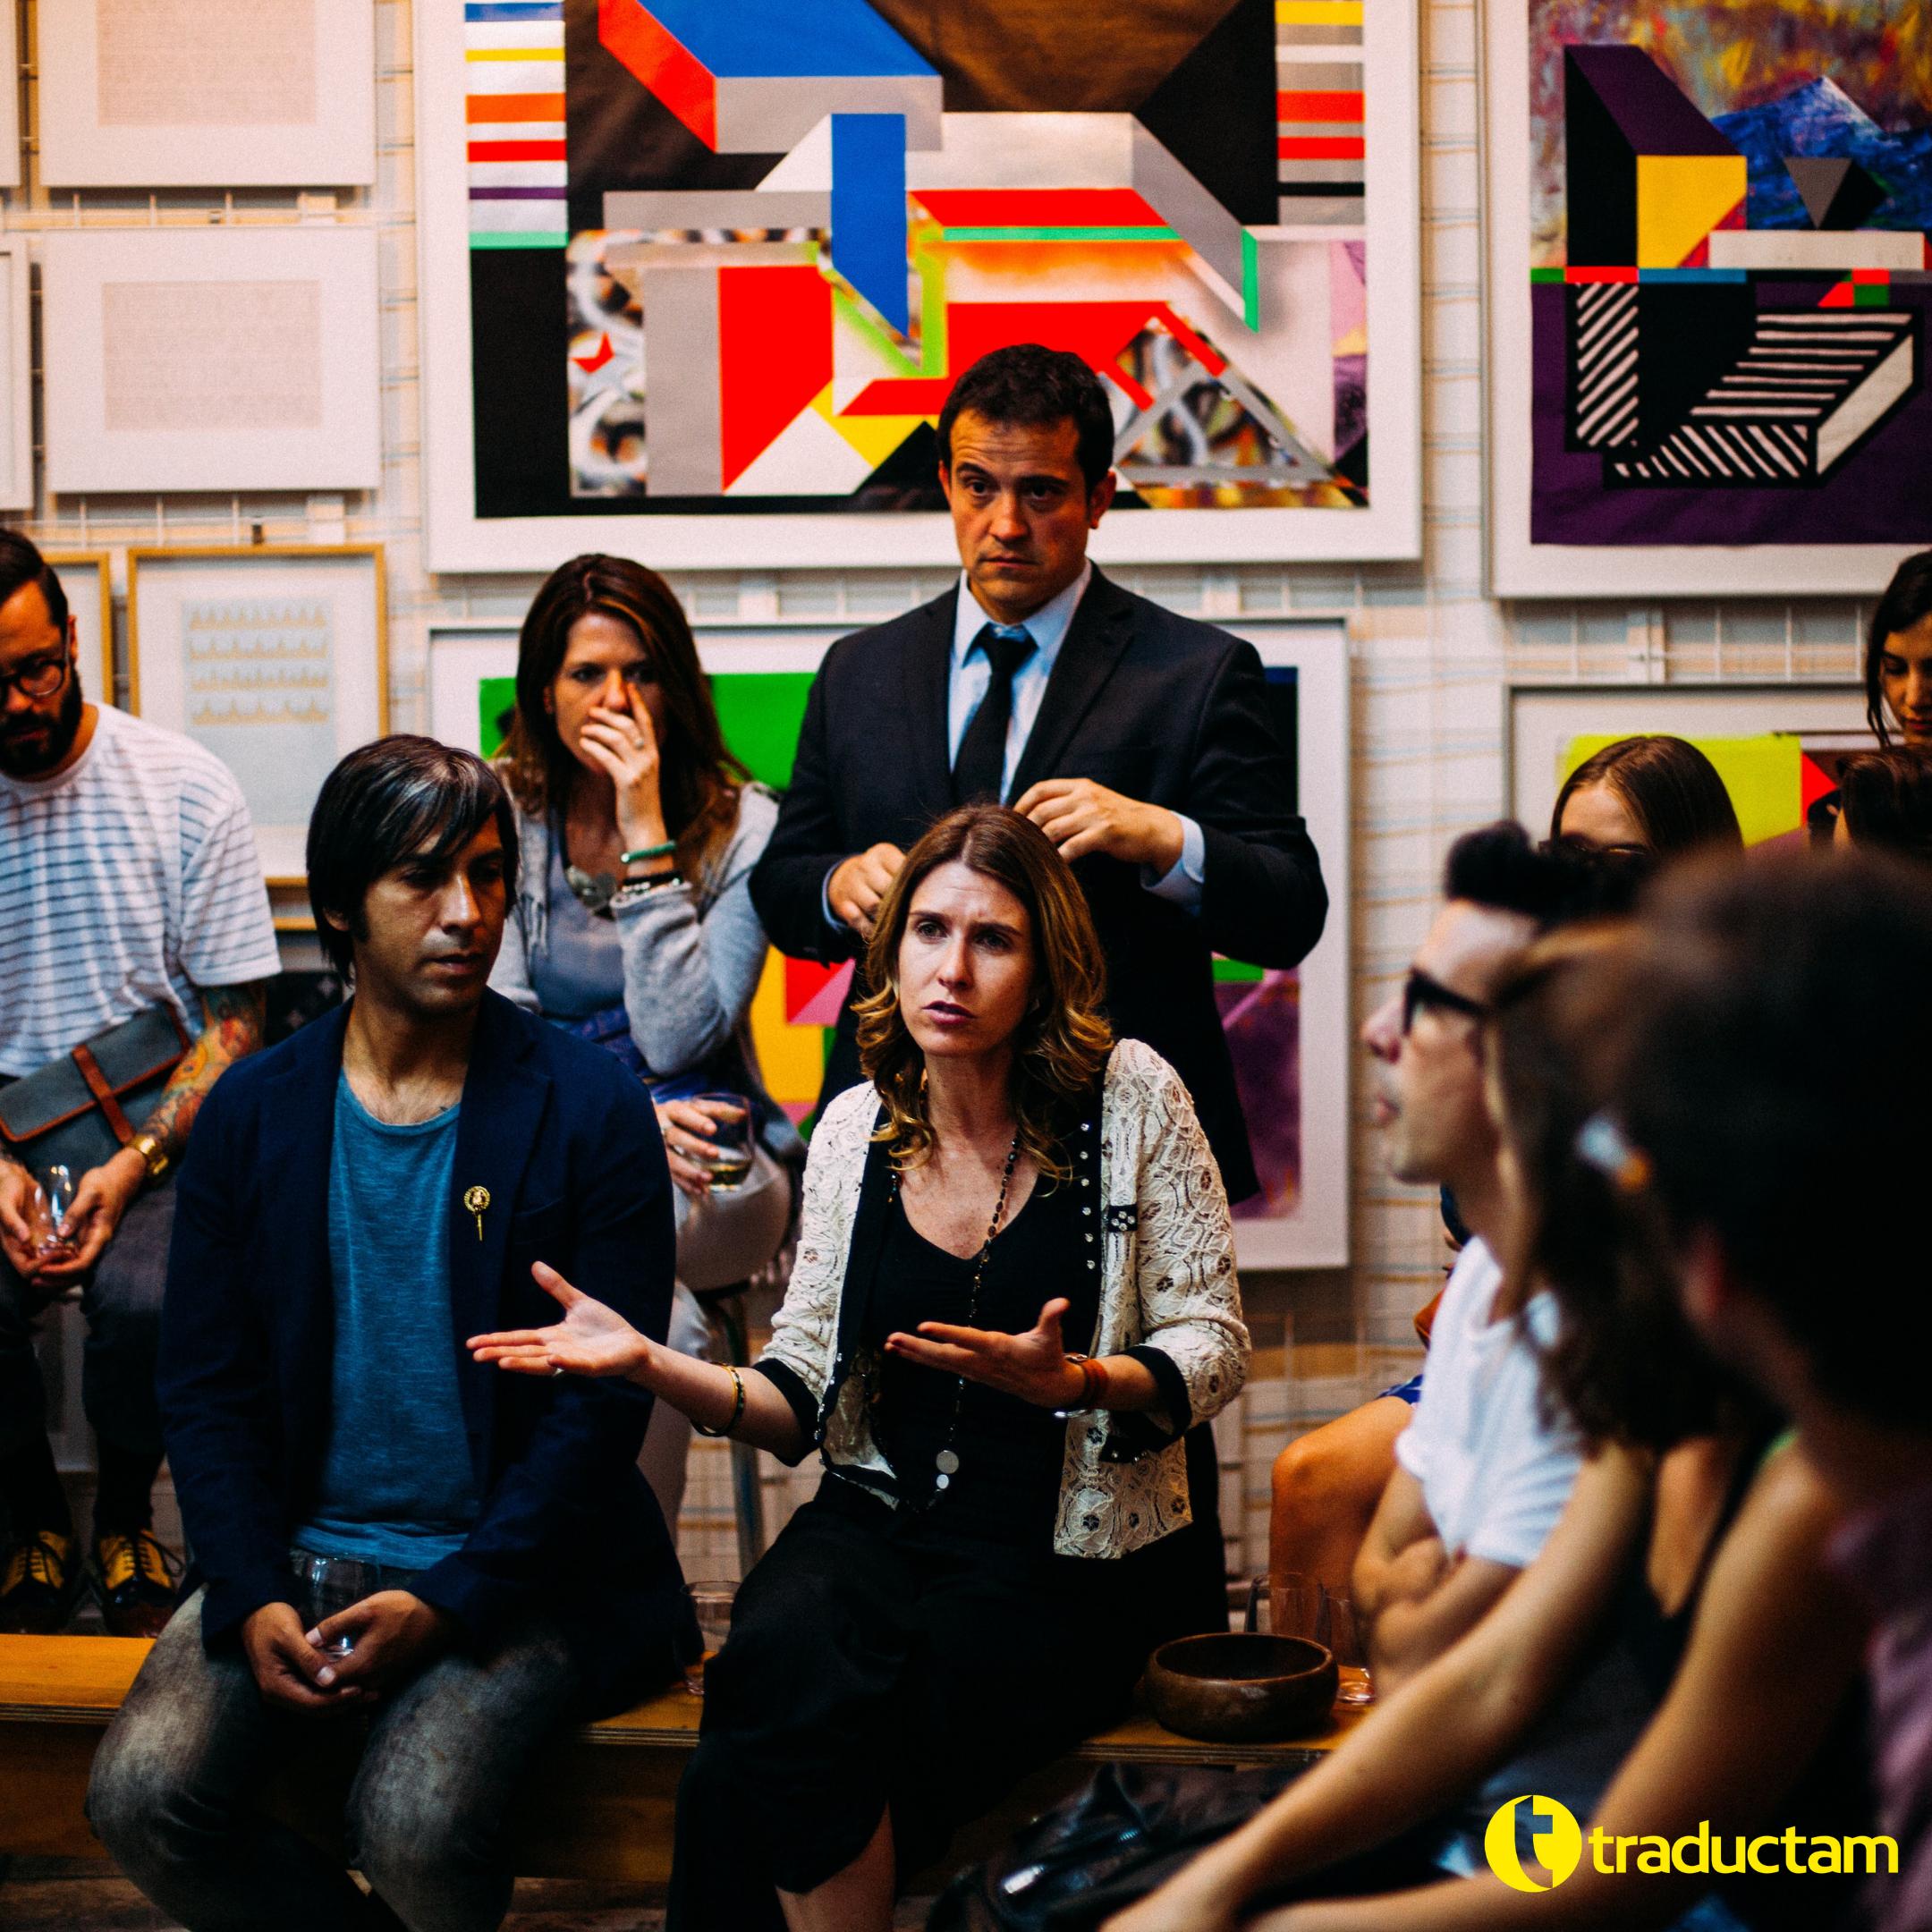 La communication non verbale ou l'importance de voir l'orateur